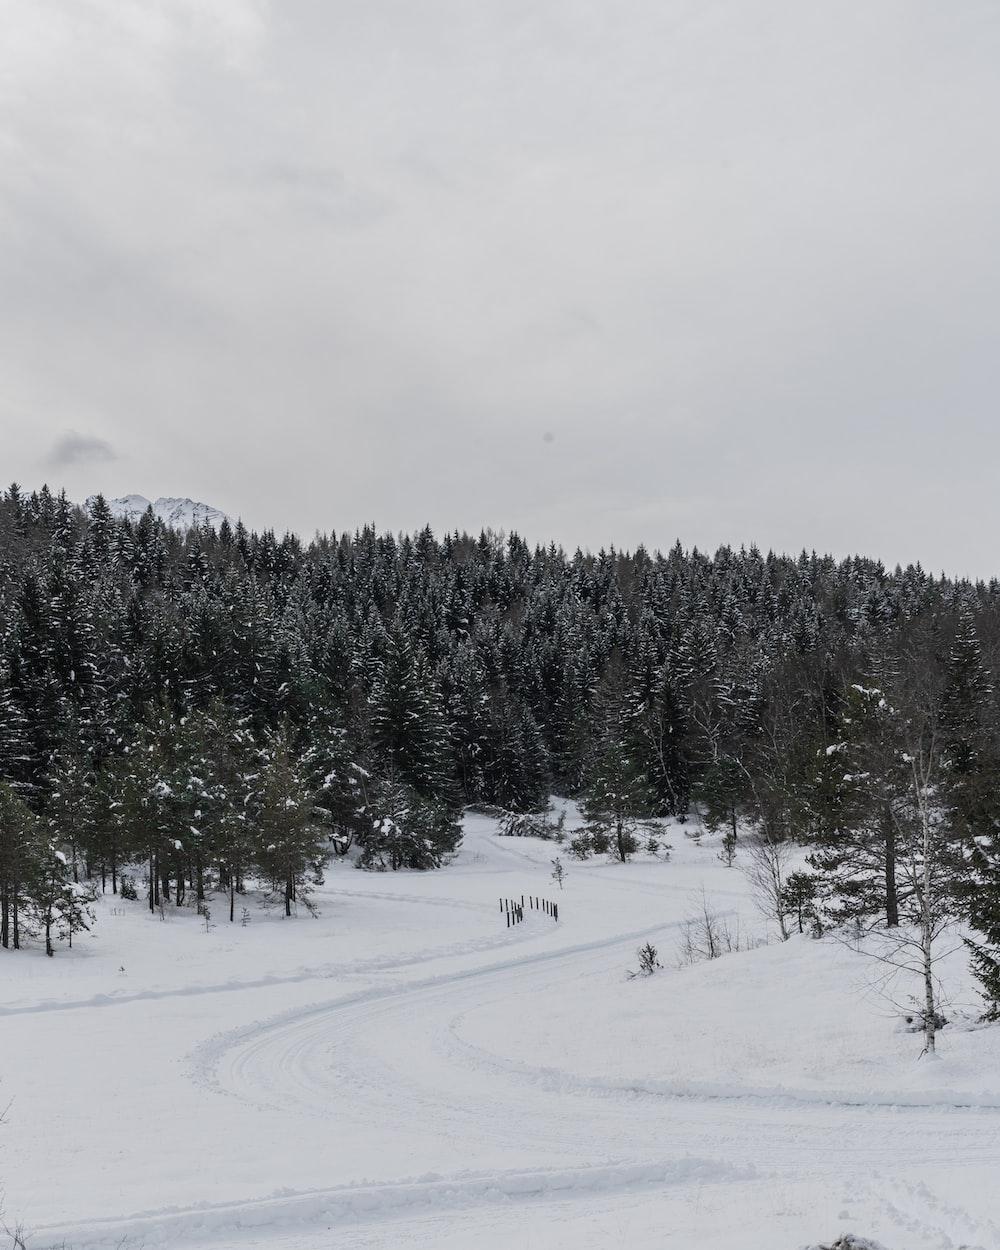 green pine trees on snow mountain